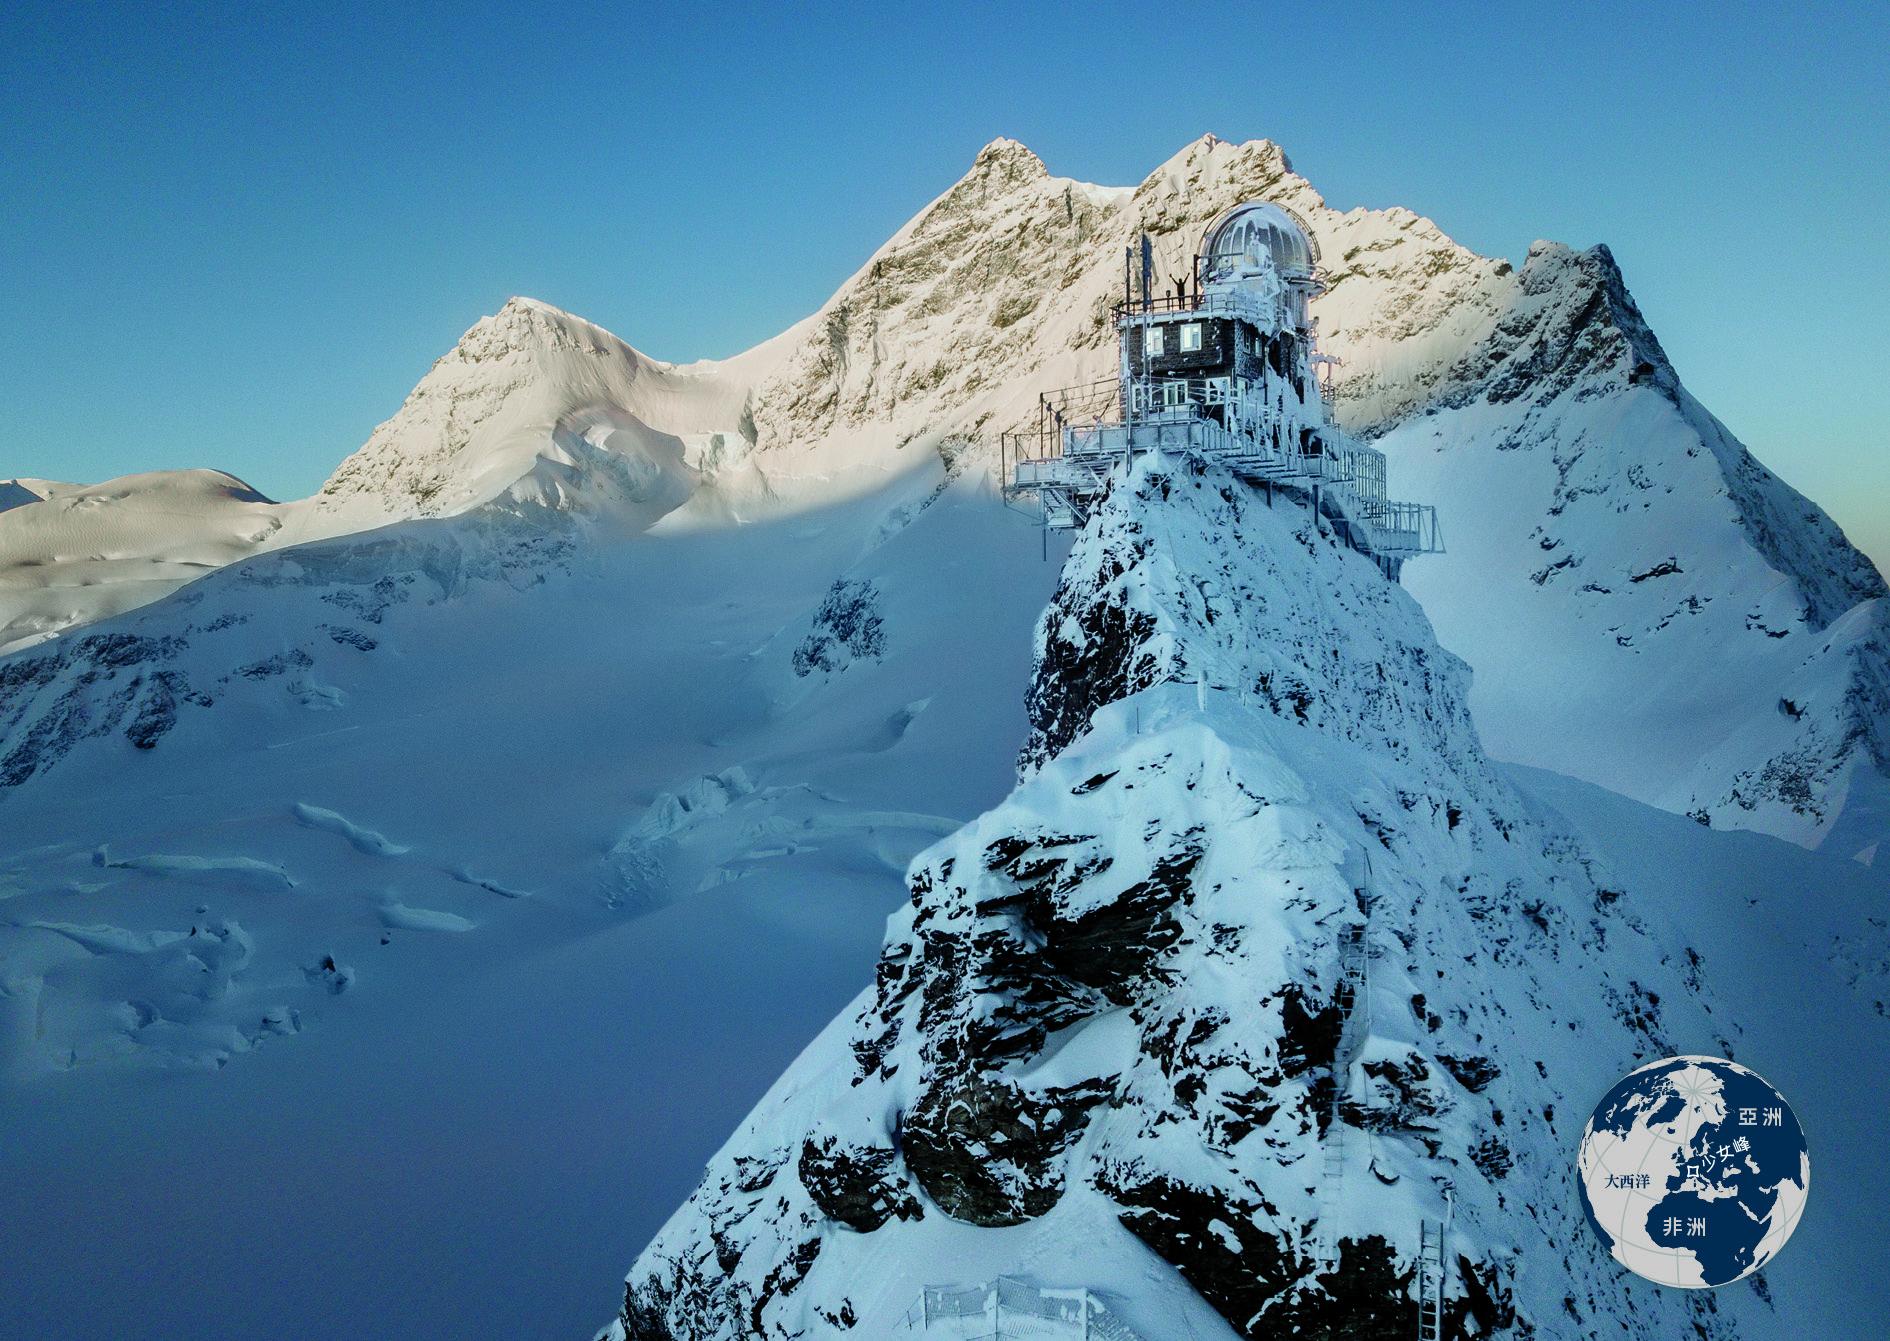 少女峰研究站位於瑞士阿爾卑斯山脈。數字會說話:3580 海拔高度( 公尺);1931 研究站建立的年分;-7.5°C 平均溫度。攝影: 孔斯塔. 彭卡